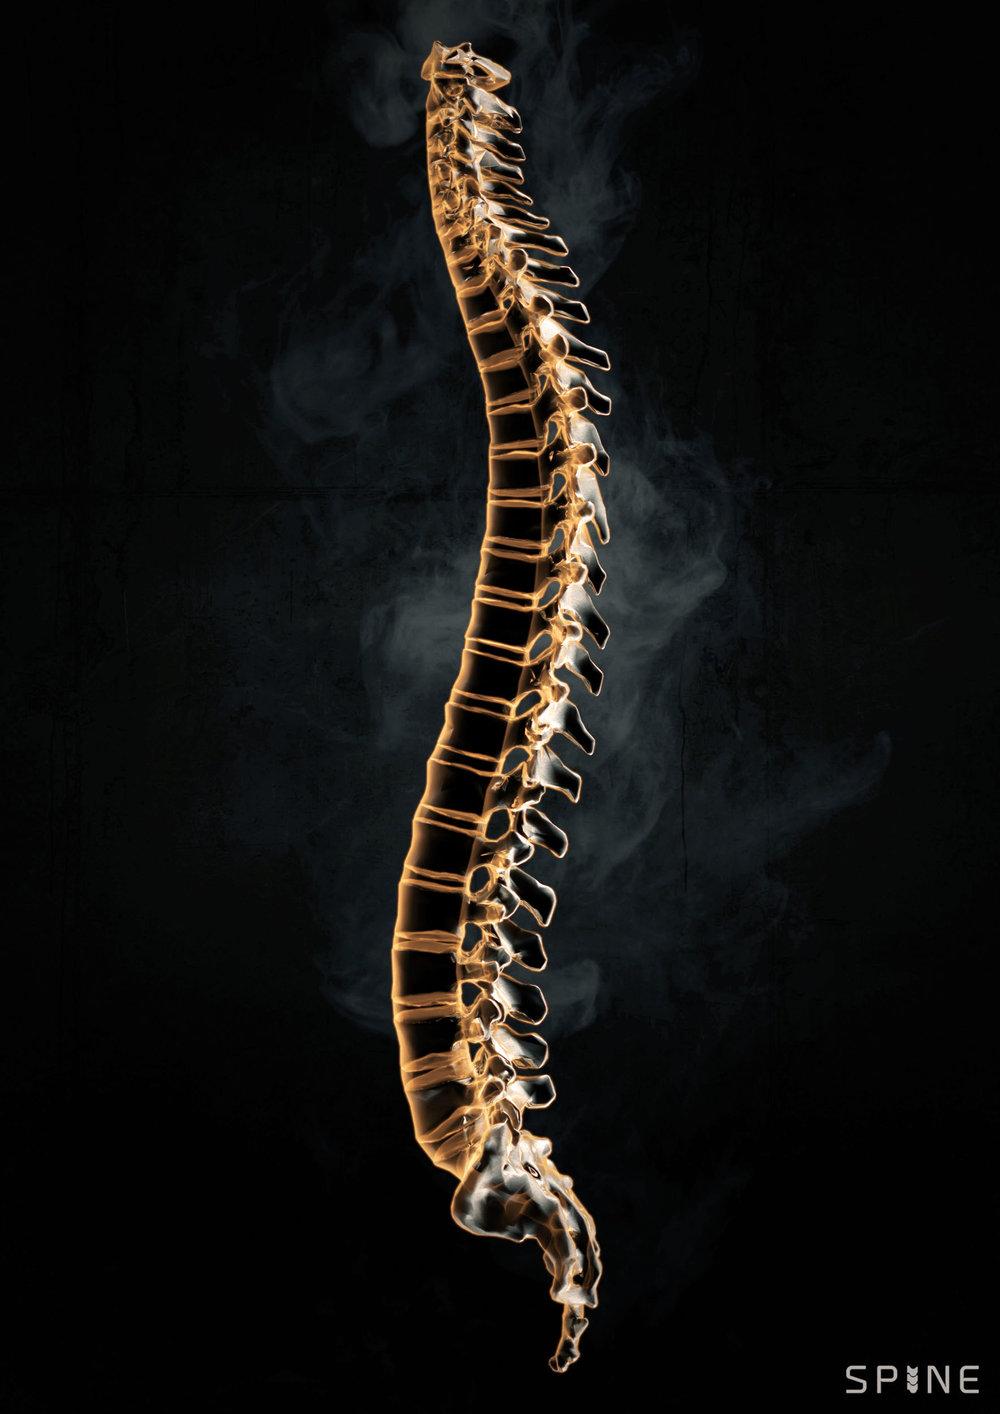 BOOM_CGI_MEDICAL_spine-render.jpg